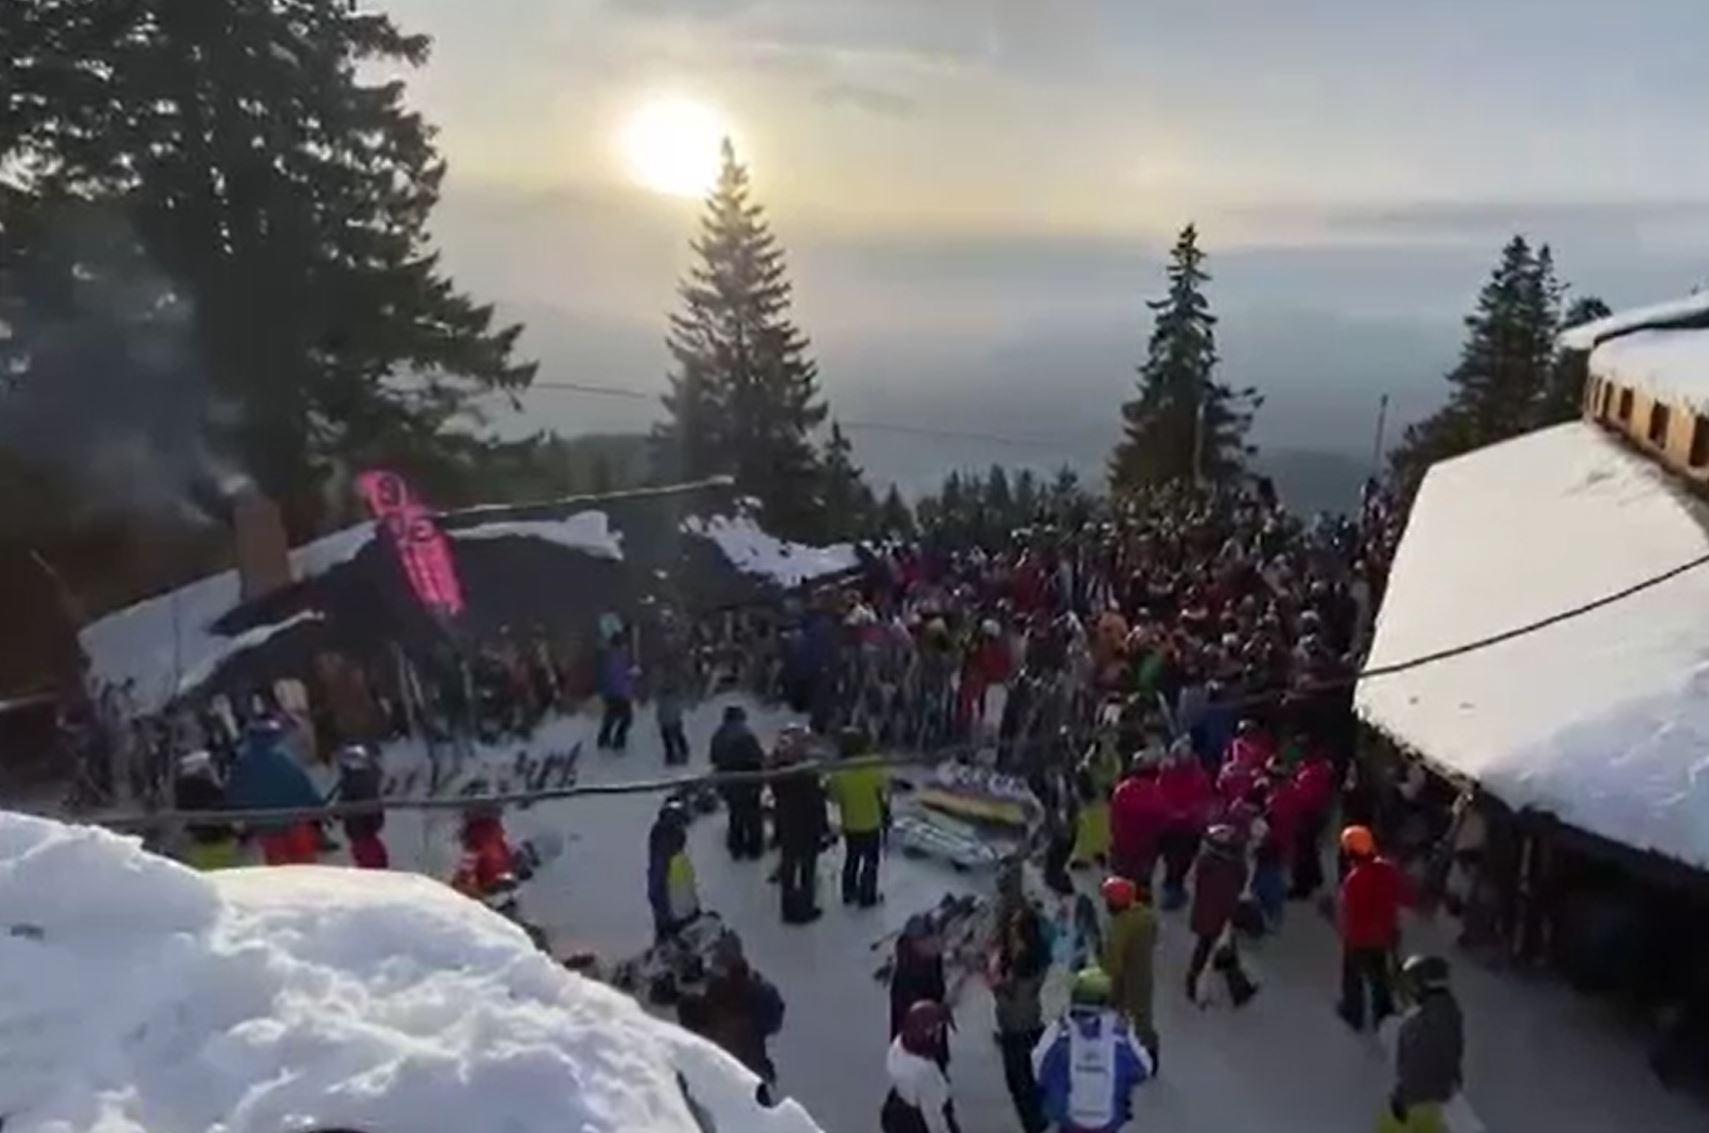 Înghesuială mare la munte în acest weekend. Jandarmii au intervenit pentru a dispersa mulțimile